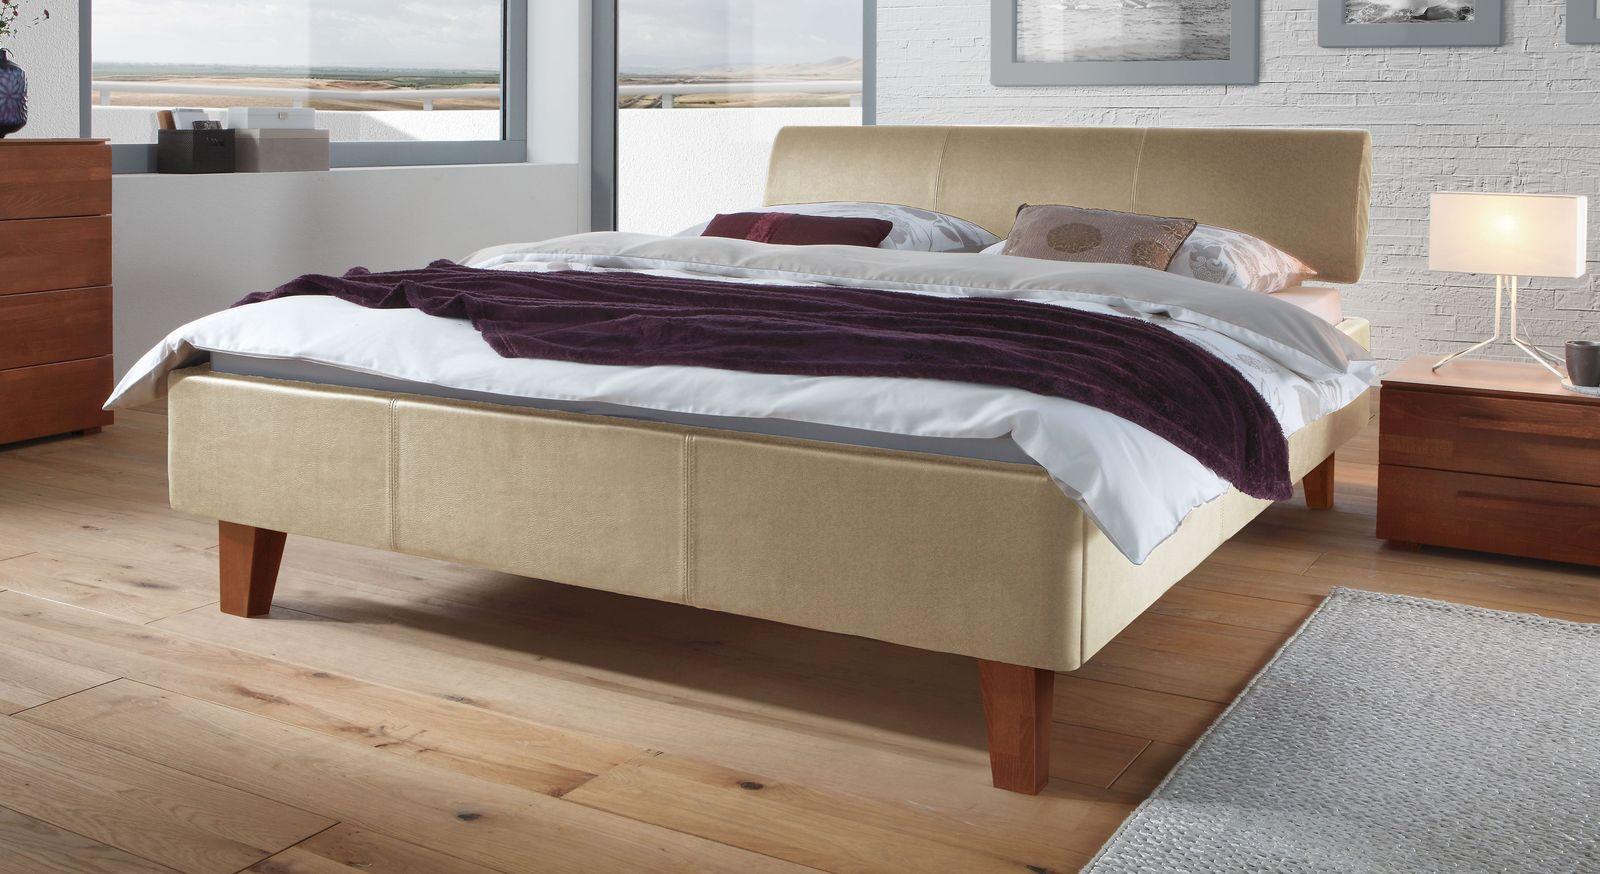 Beigefarbenes Bett Lopo mit kirschbaumfarbigen Buchenfüße